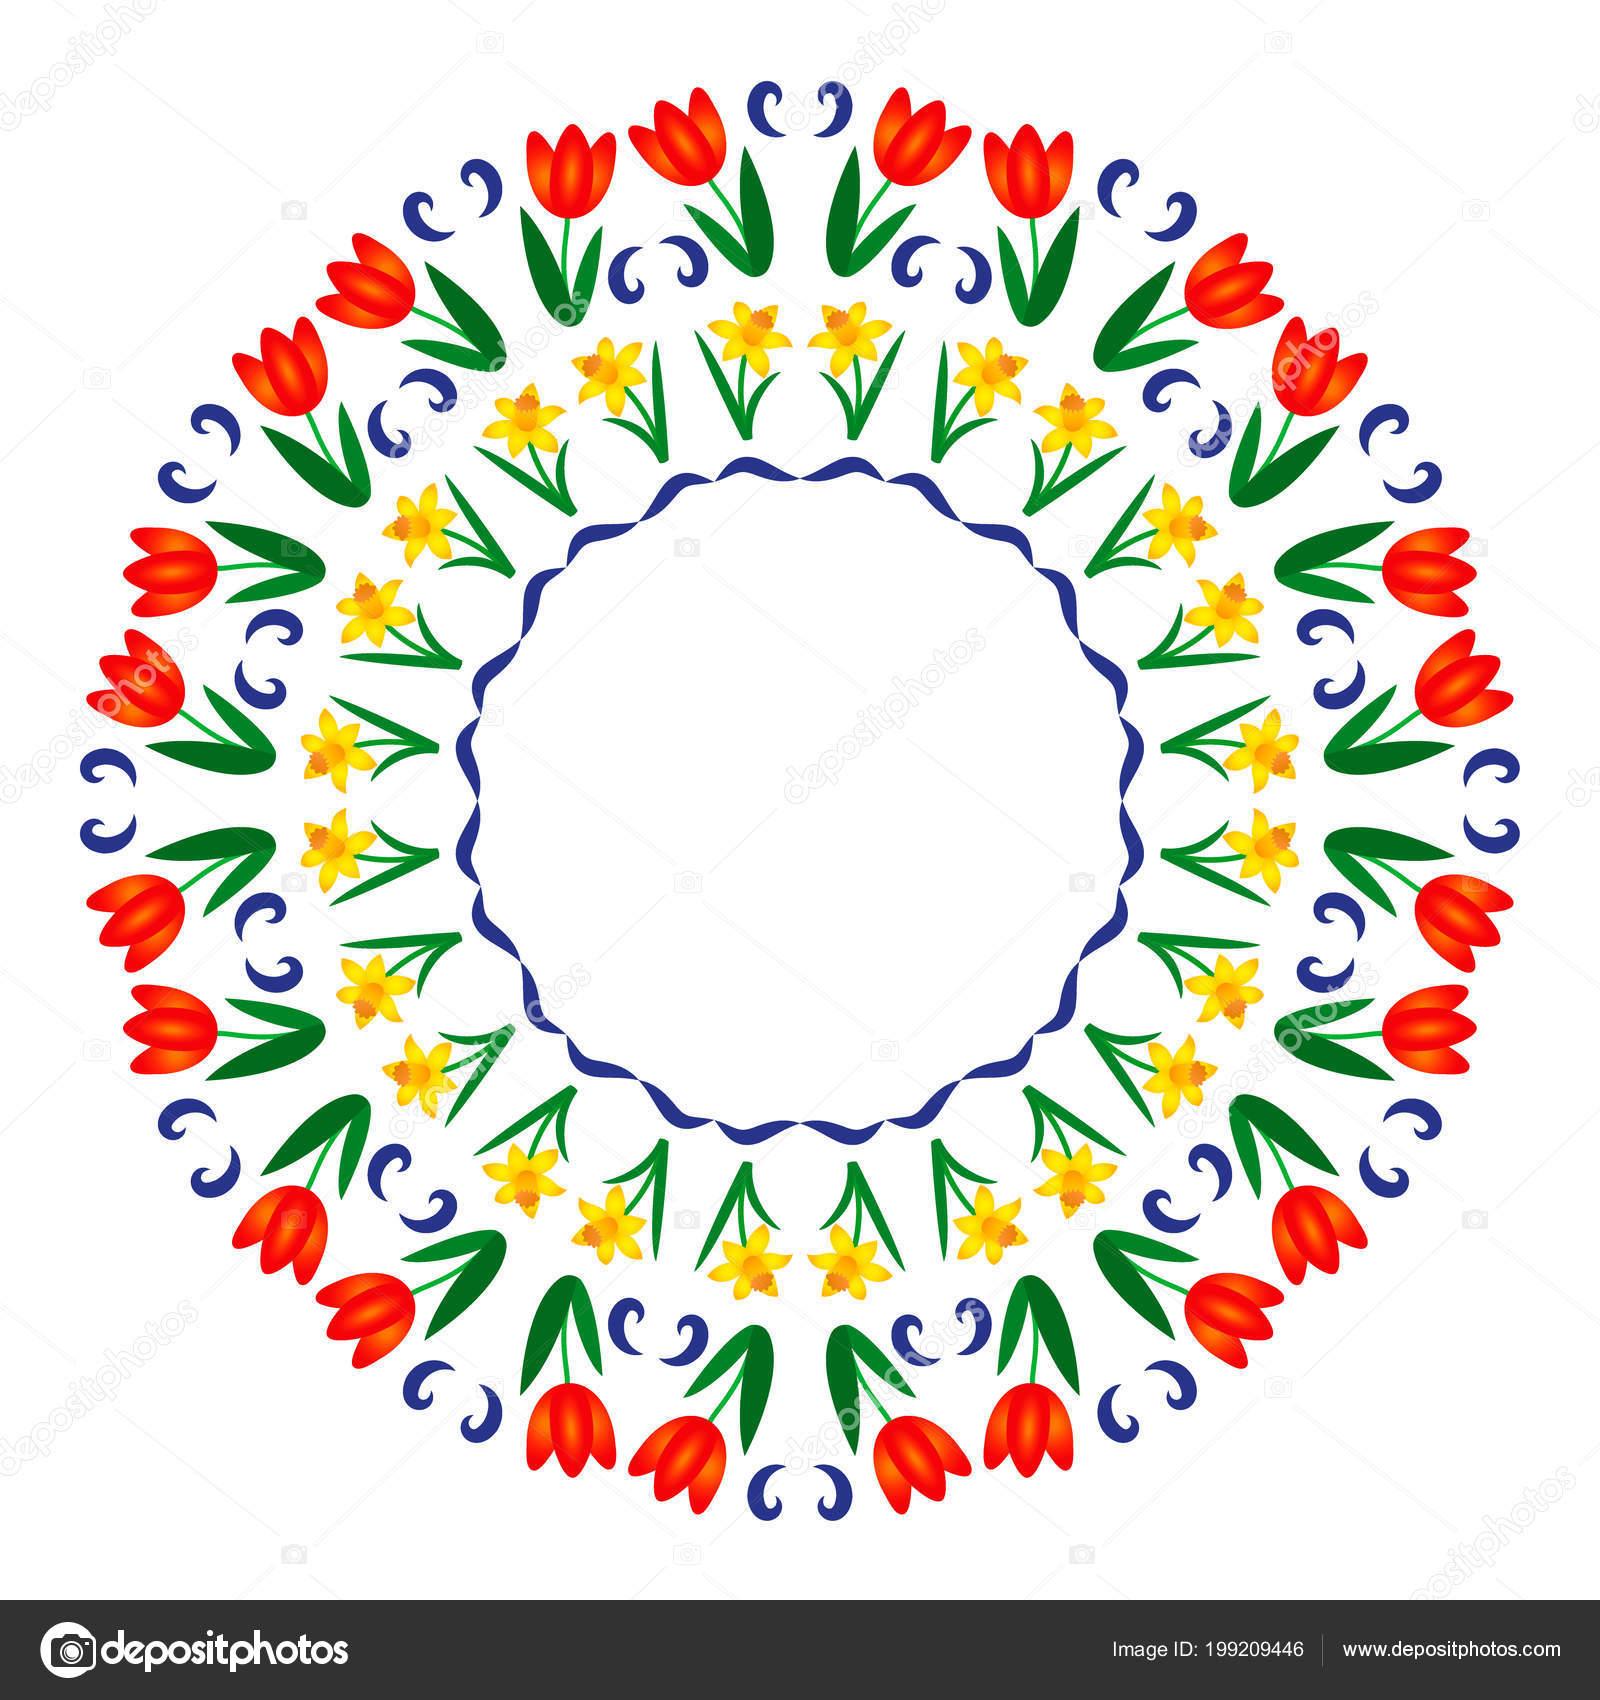 Mandala Kleurplaten Voor Volwassenen Bloemen.Vector Gekleurde Cirkelvormige Ronde Voorjaar Mandala Met Bloemen